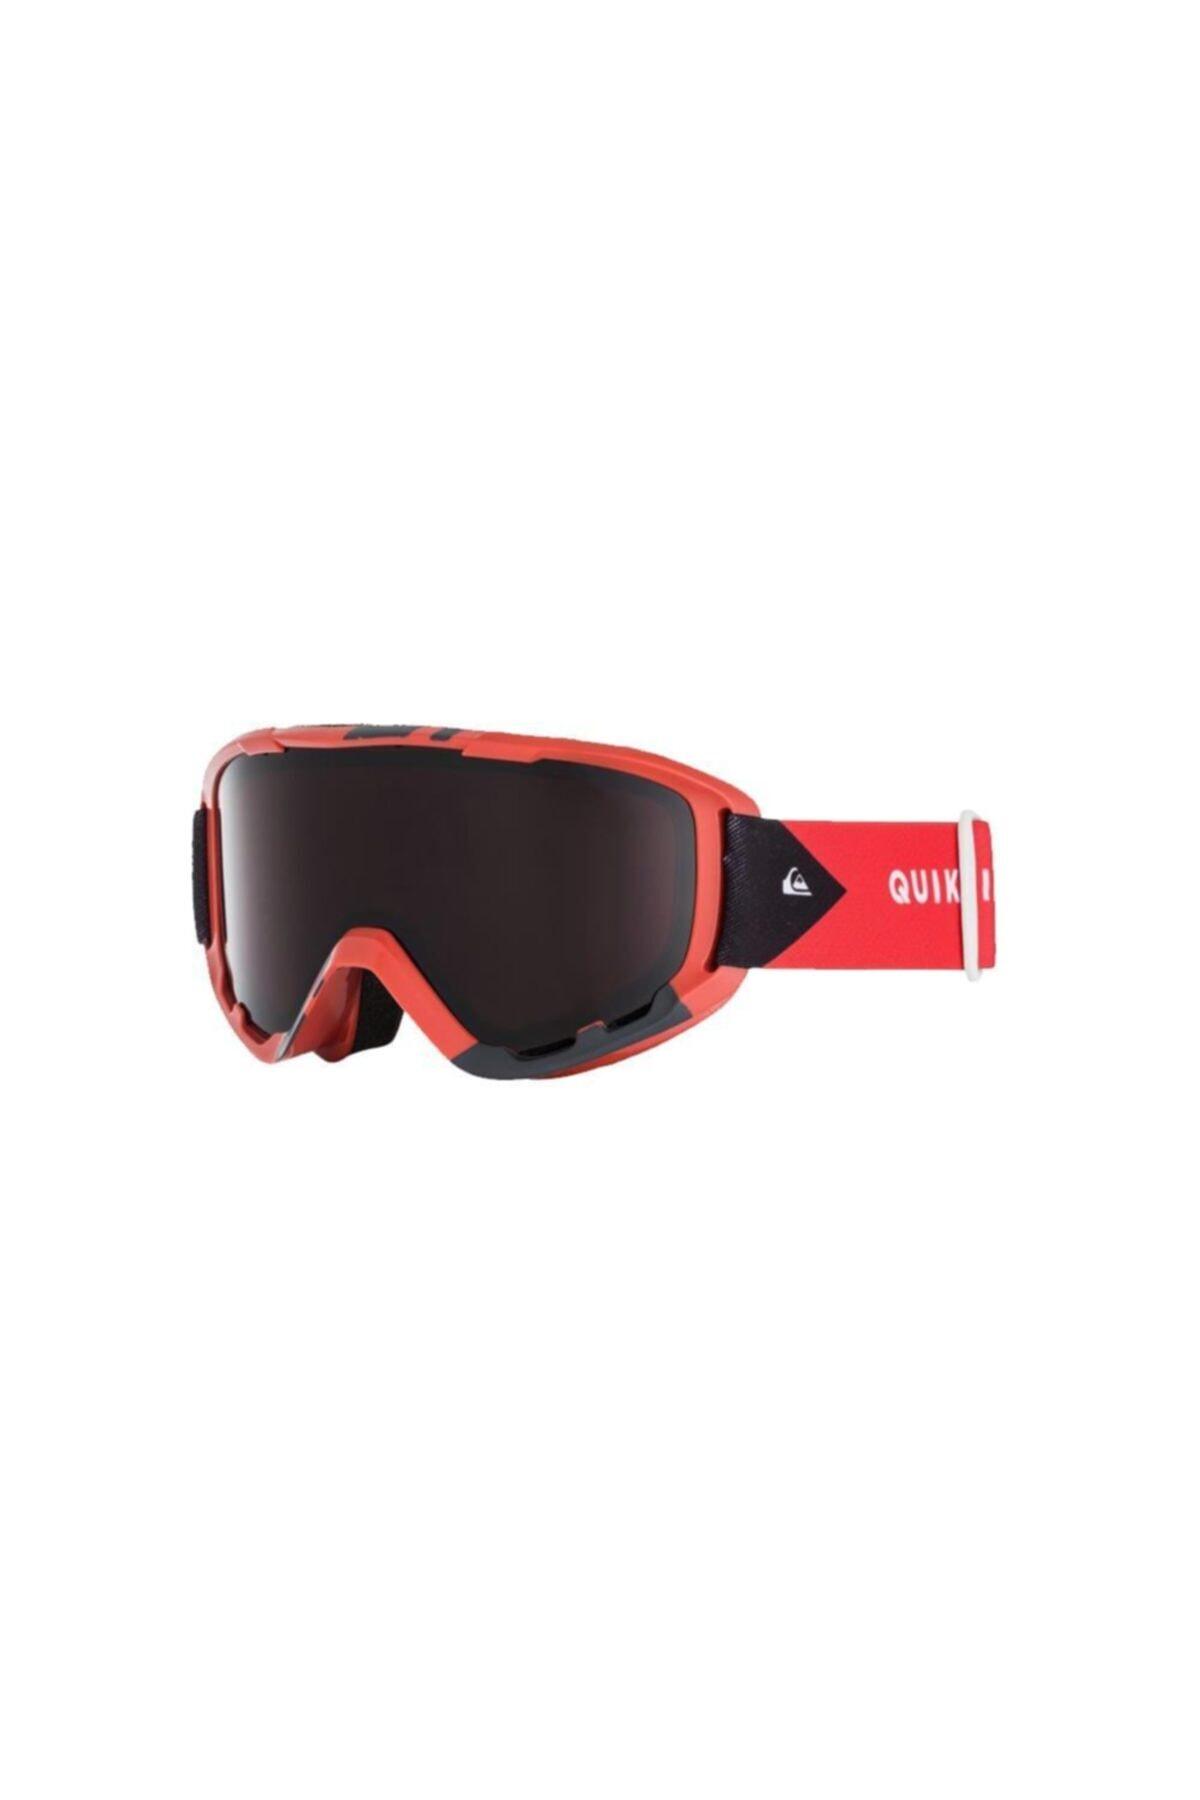 Quiksilver SHERPA M SNGG WBK0 Hardal Erkek Kayak Gözlüğü 101068447 1